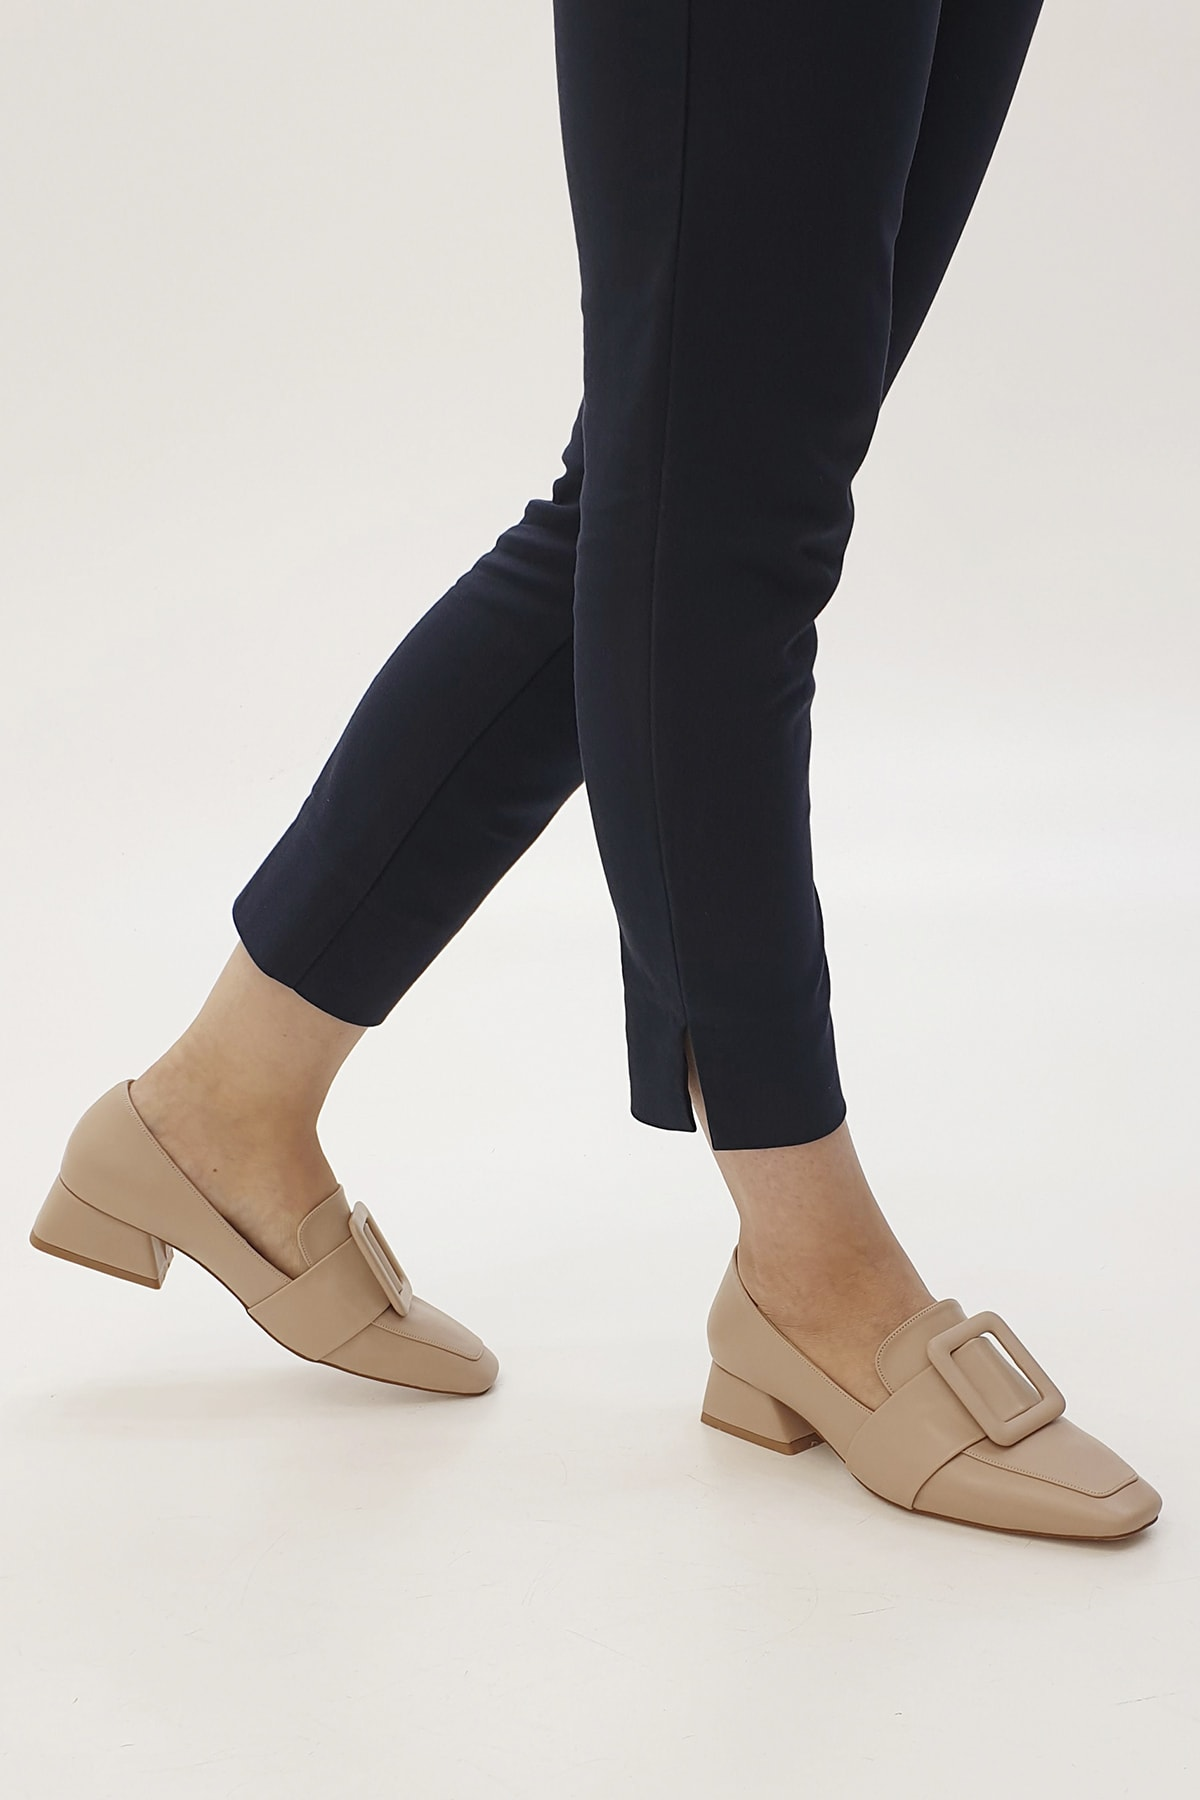 Marjin Kadın Bej Jiyona Topuklu Ayakkabı 2